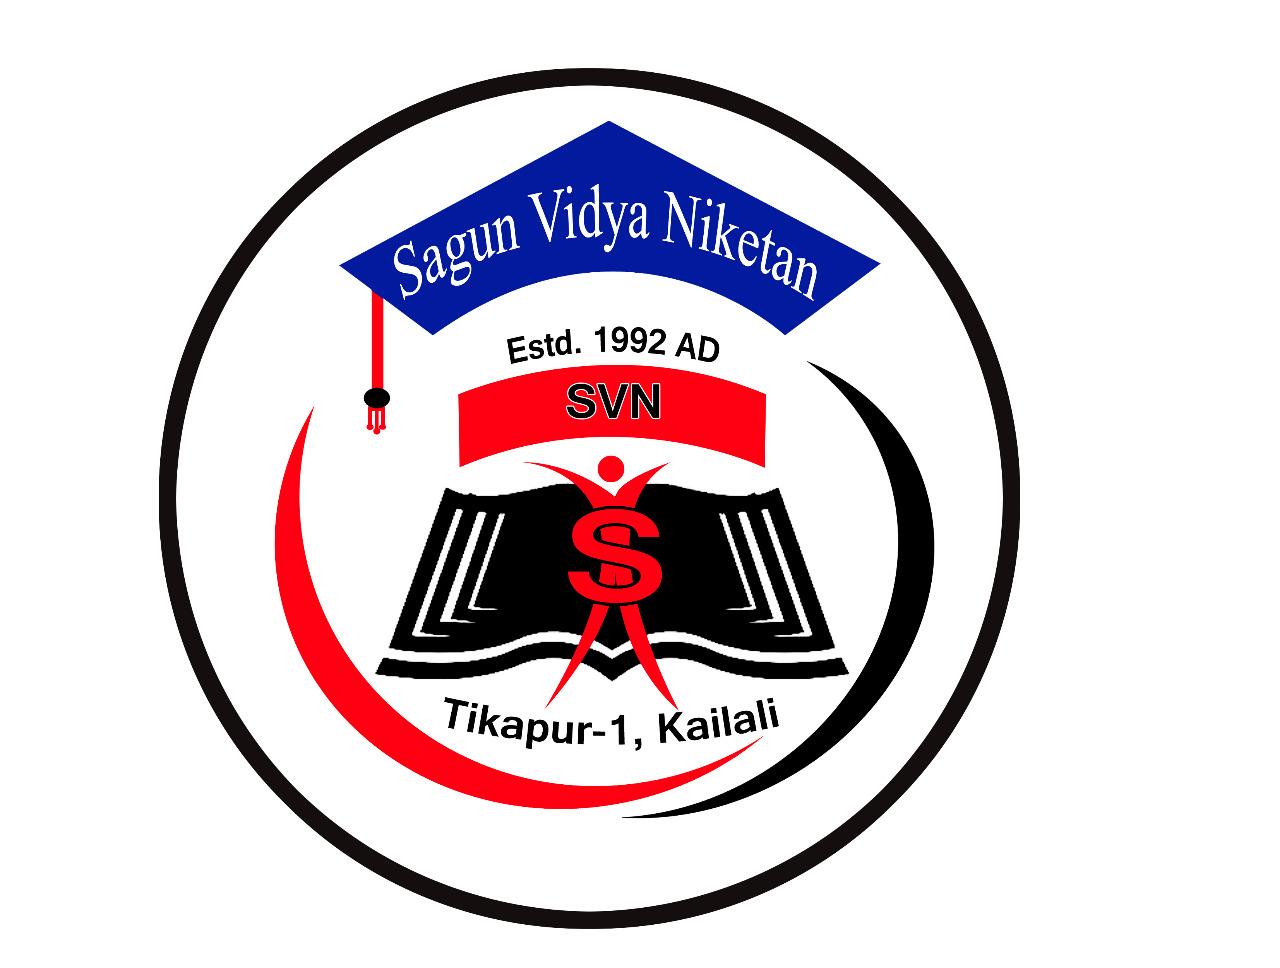 Sagun Vidya Niketan